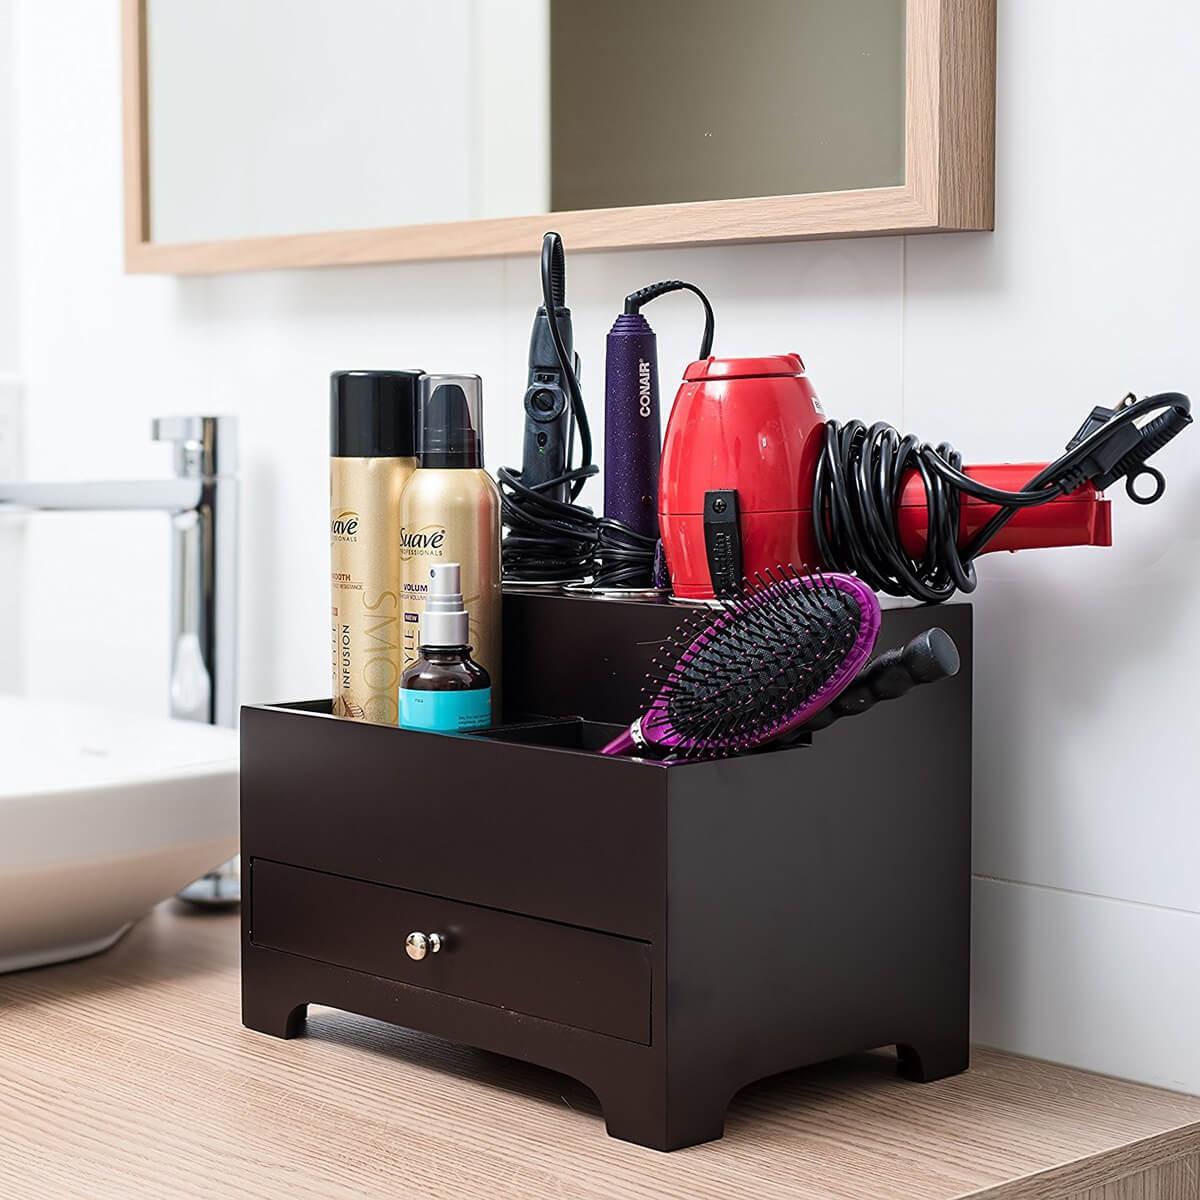 منظمات الحمام- درج المكياج